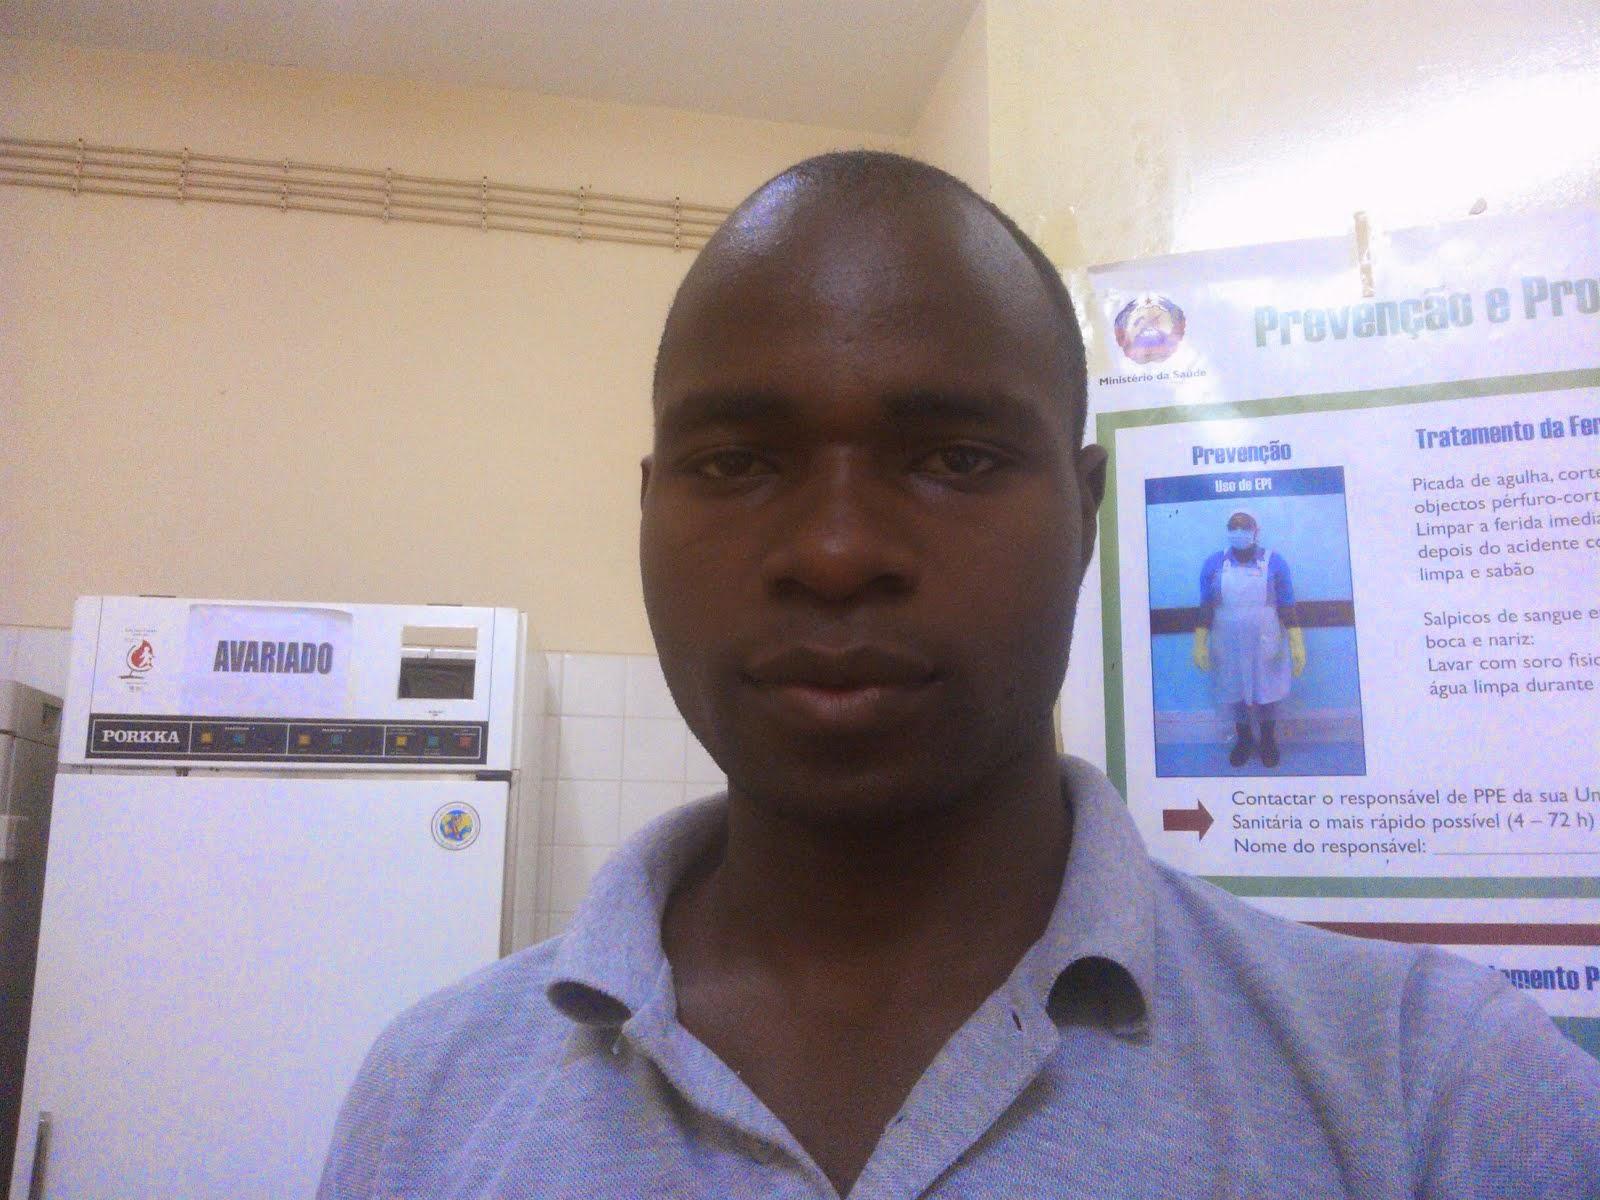 Laboratório de Analises Clinicas